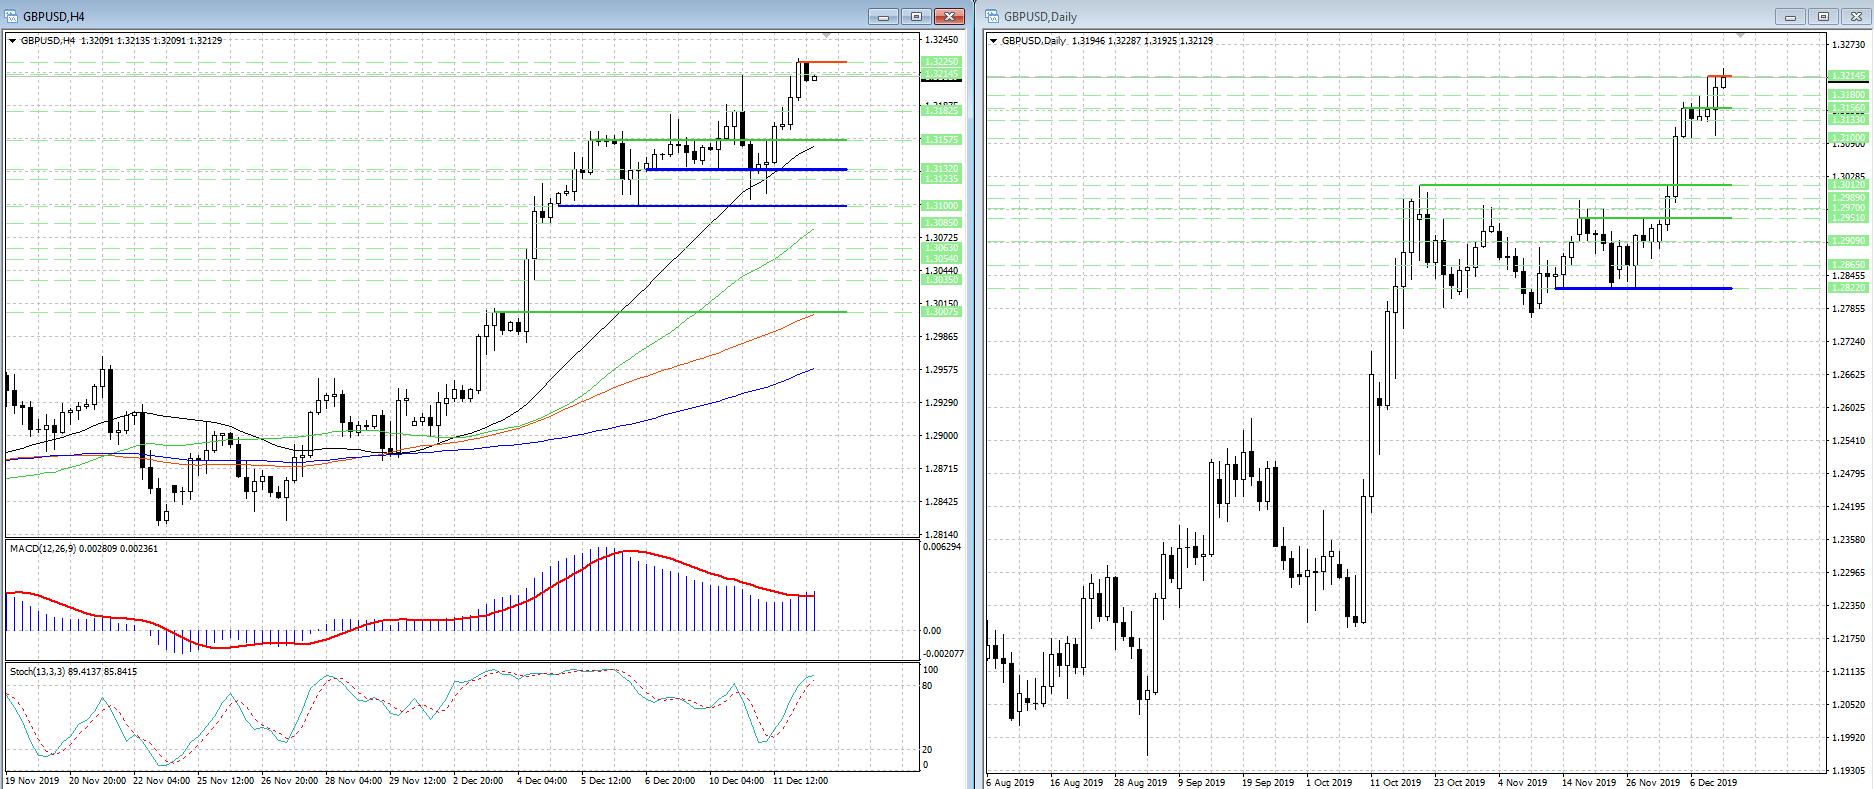 Рост GBP/USD замедлился, но о кардинальной смене настроений речь не идет...